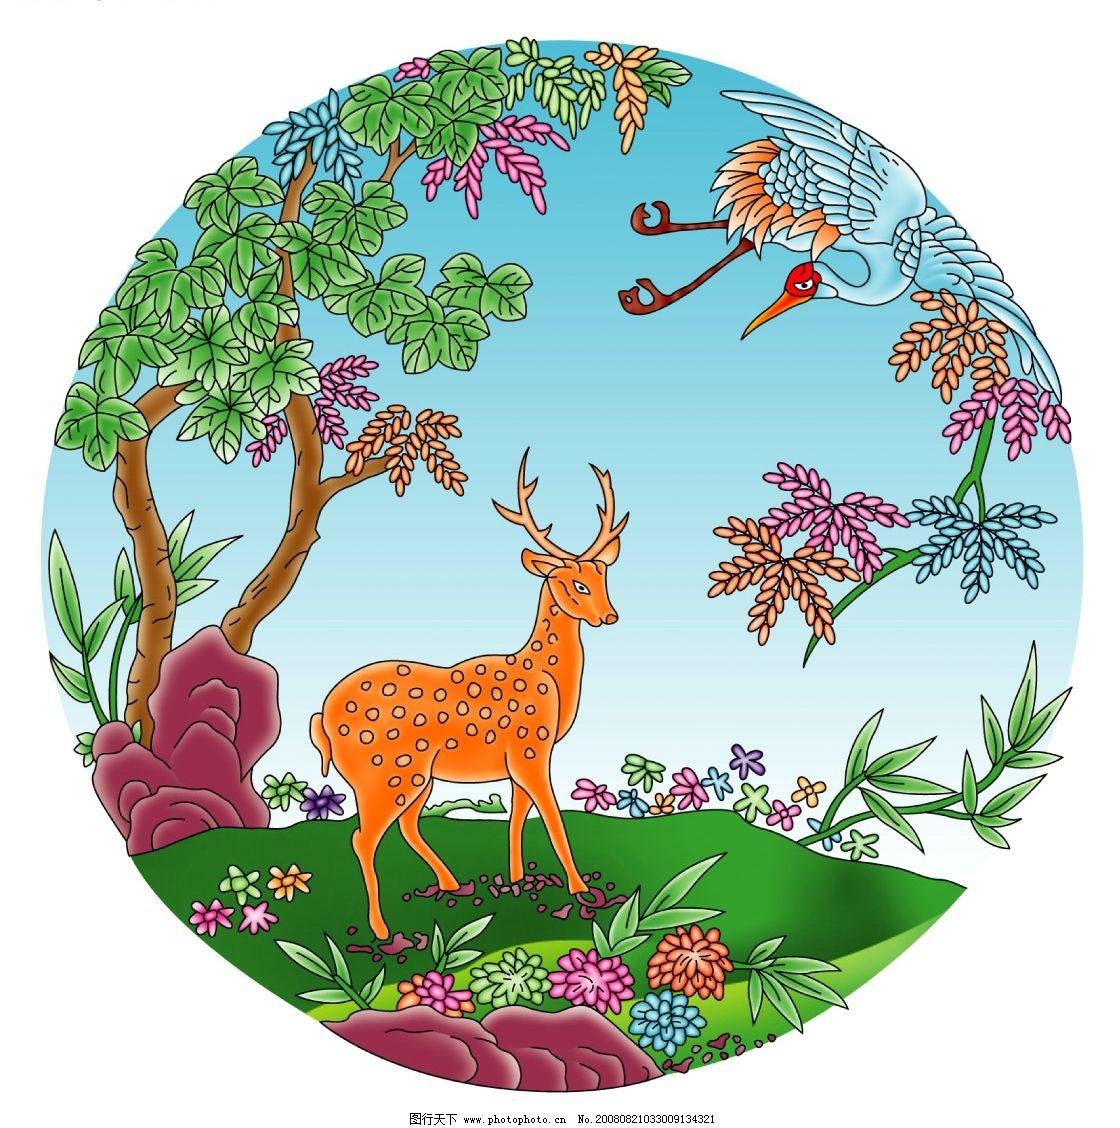 丹顶鹤和树国画